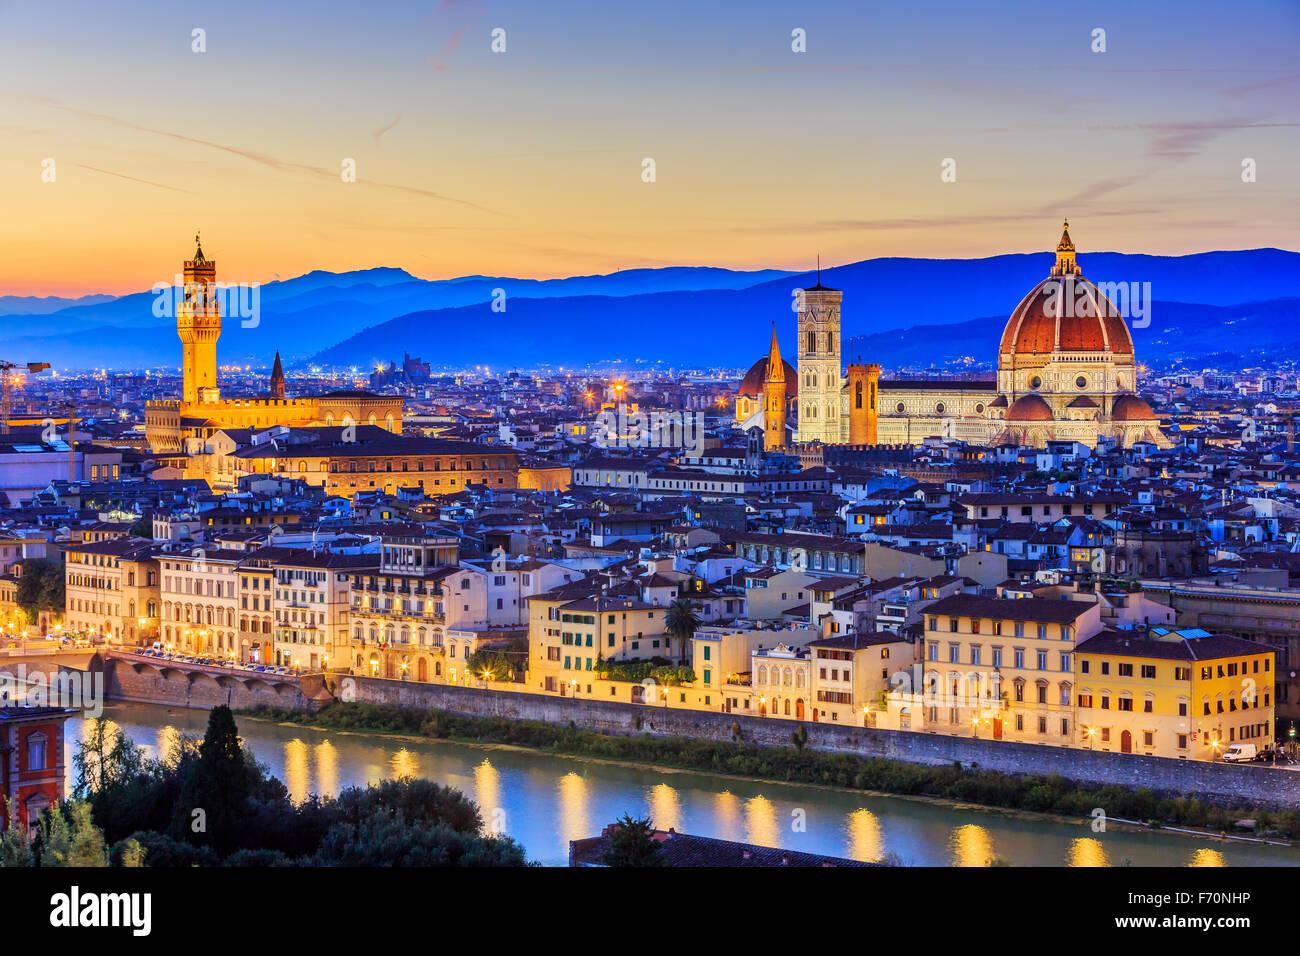 La cattedrale e la cupola del Brunelleschi al tramonto. Firenze, Italia Immagini Stock